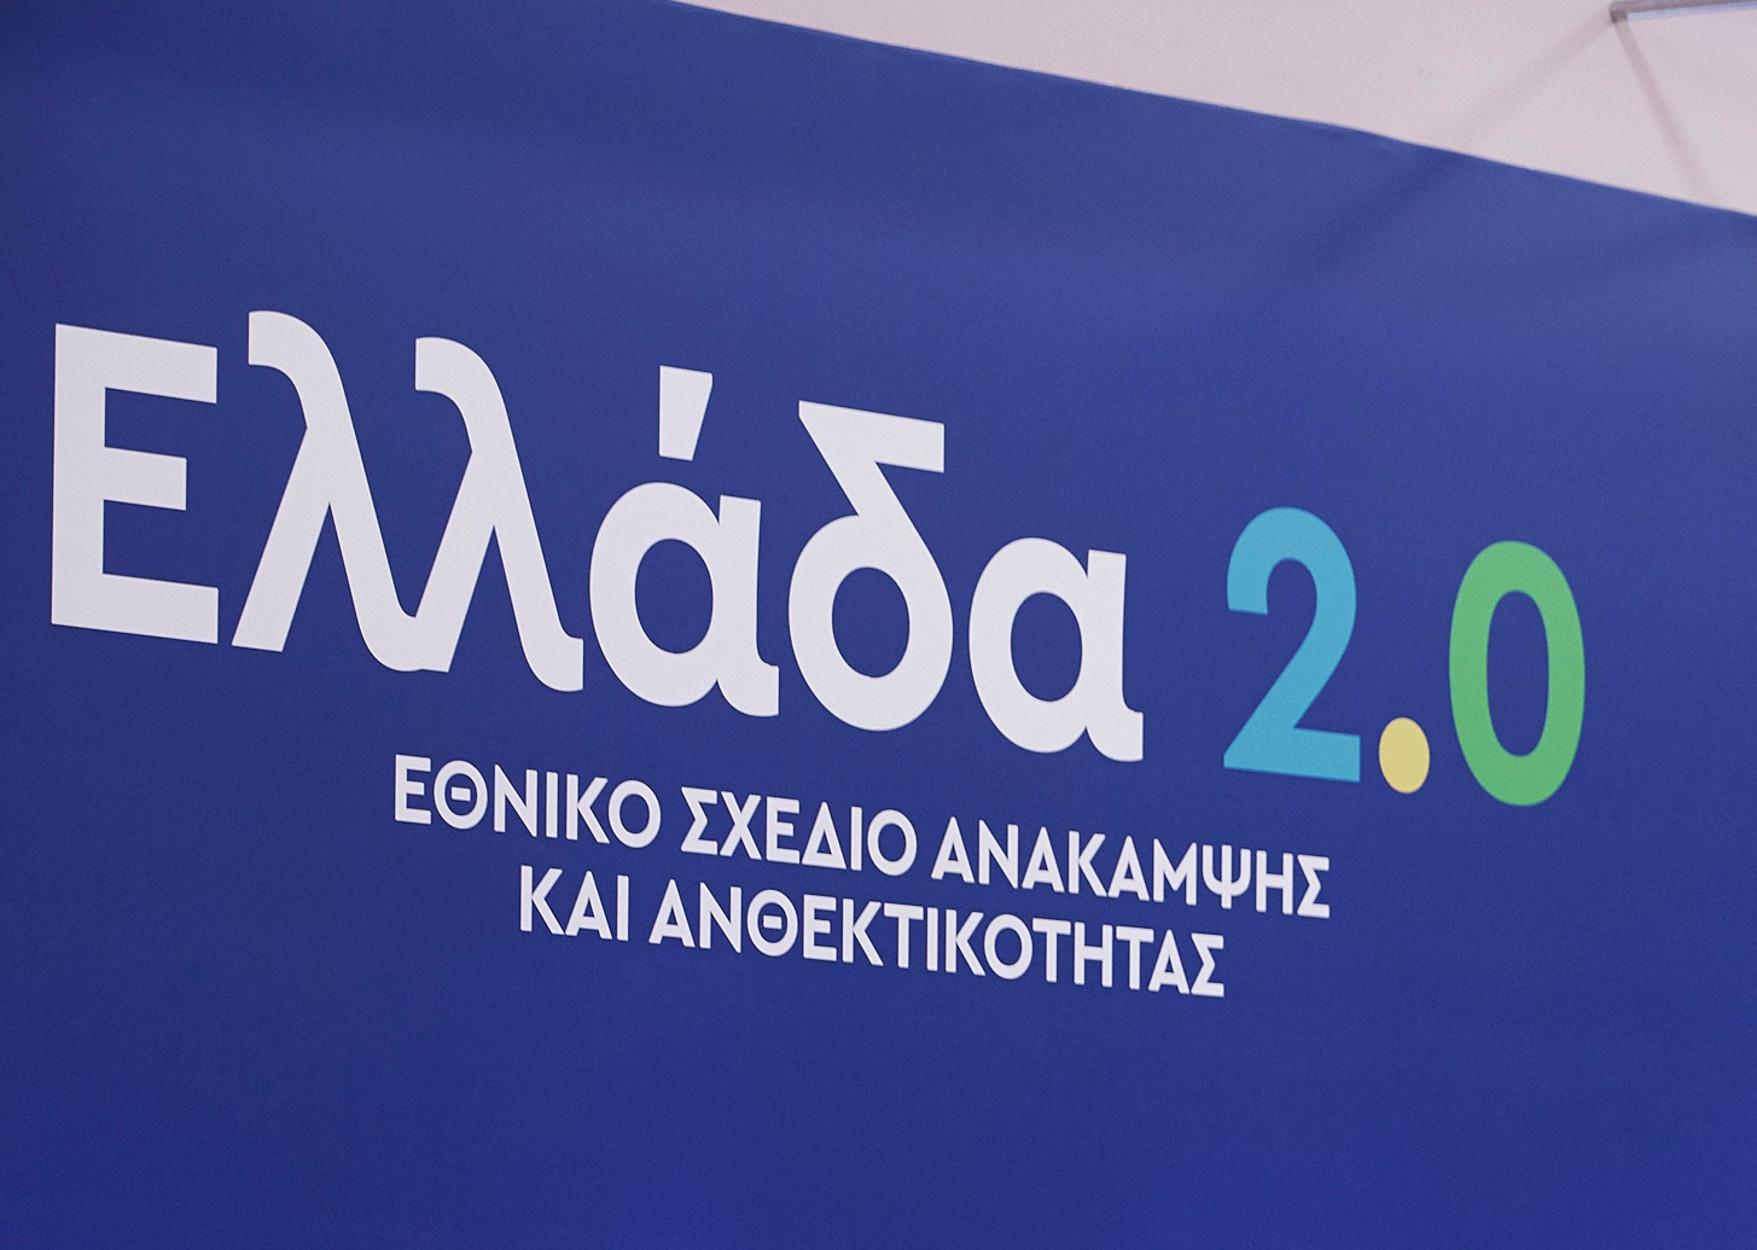 Το Ecofin δίνει το «πράσινο φως» σήμερα στο ελληνικό σχέδιο ανάκαμψης